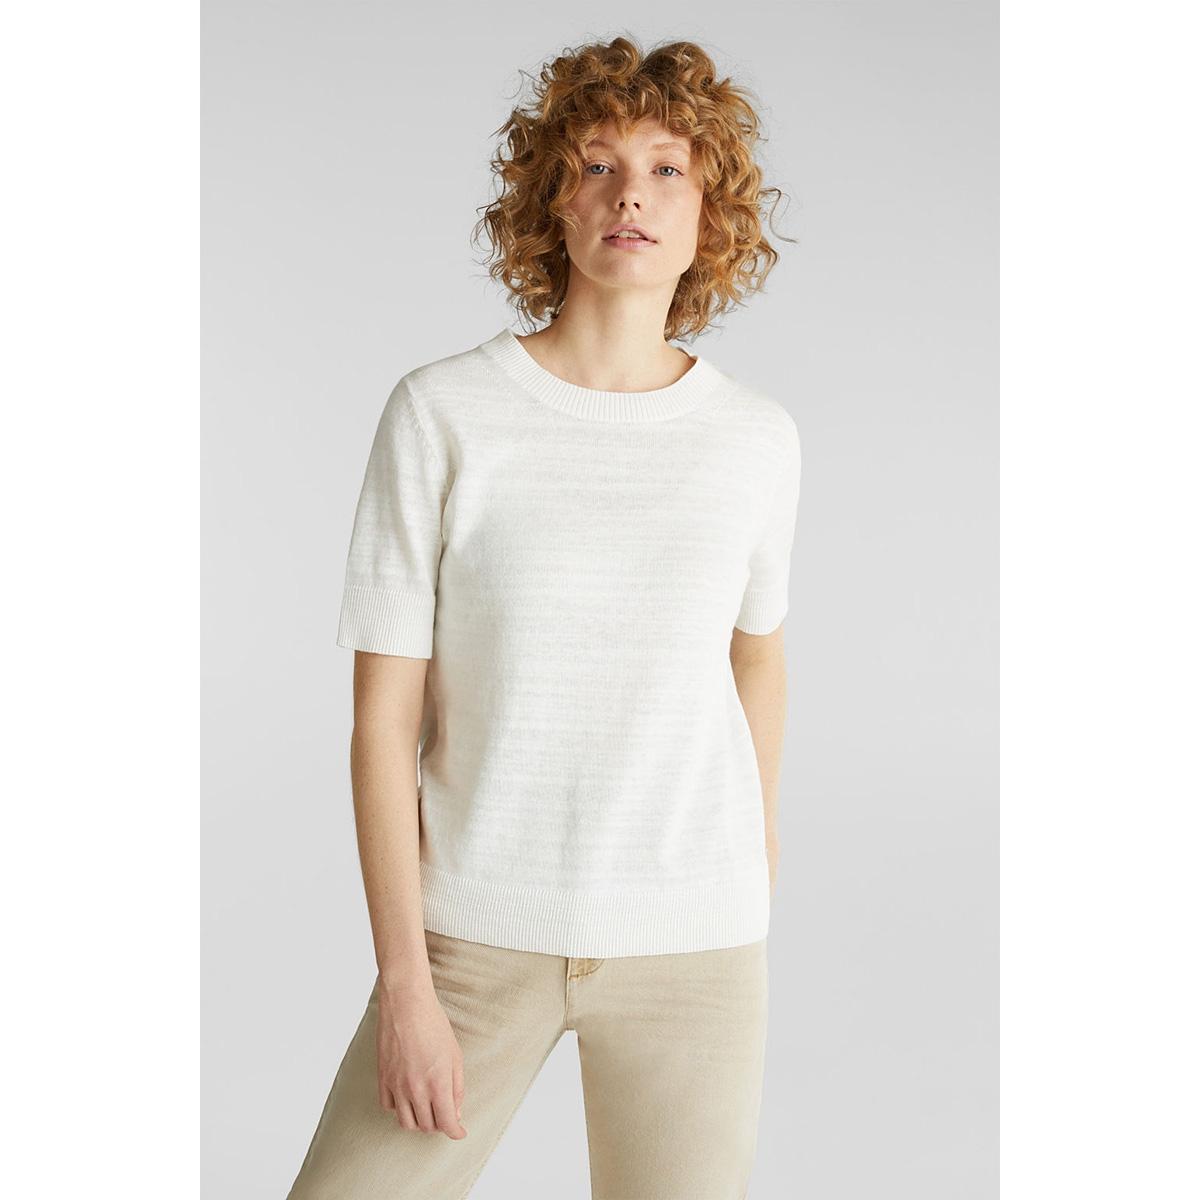 trui met korte mouwen en een basic look 030ee1i302 esprit t-shirt e110